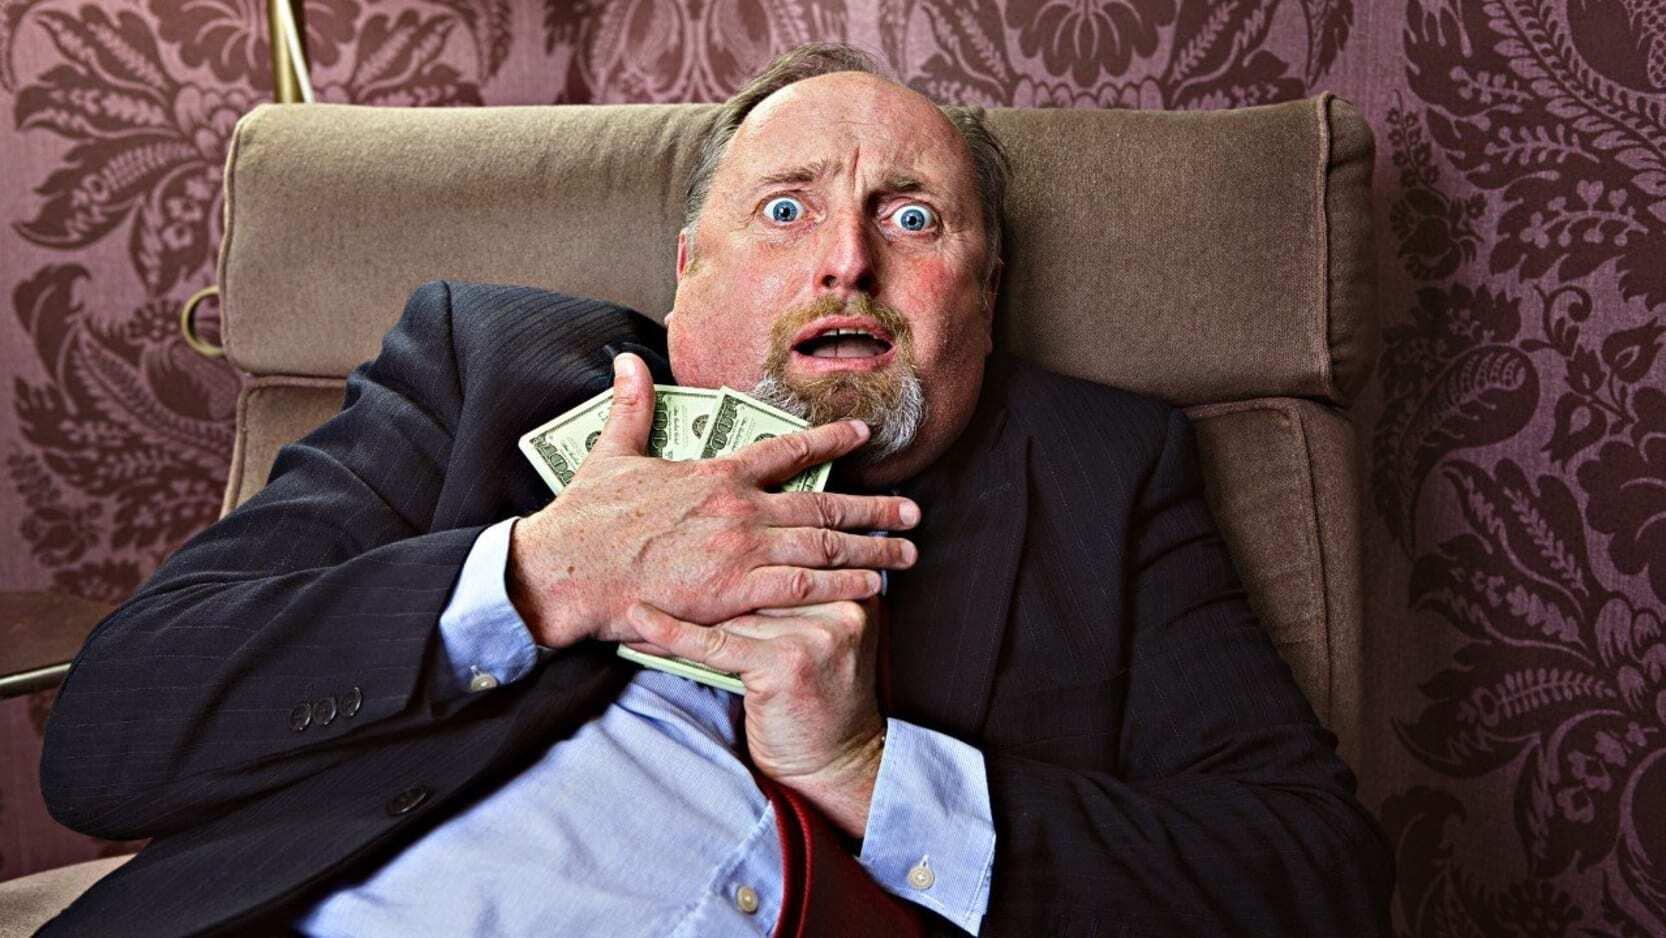 ۱۰ راز موفقیت میلیونرها که سیل پول را به سوی آنها جاری میکند